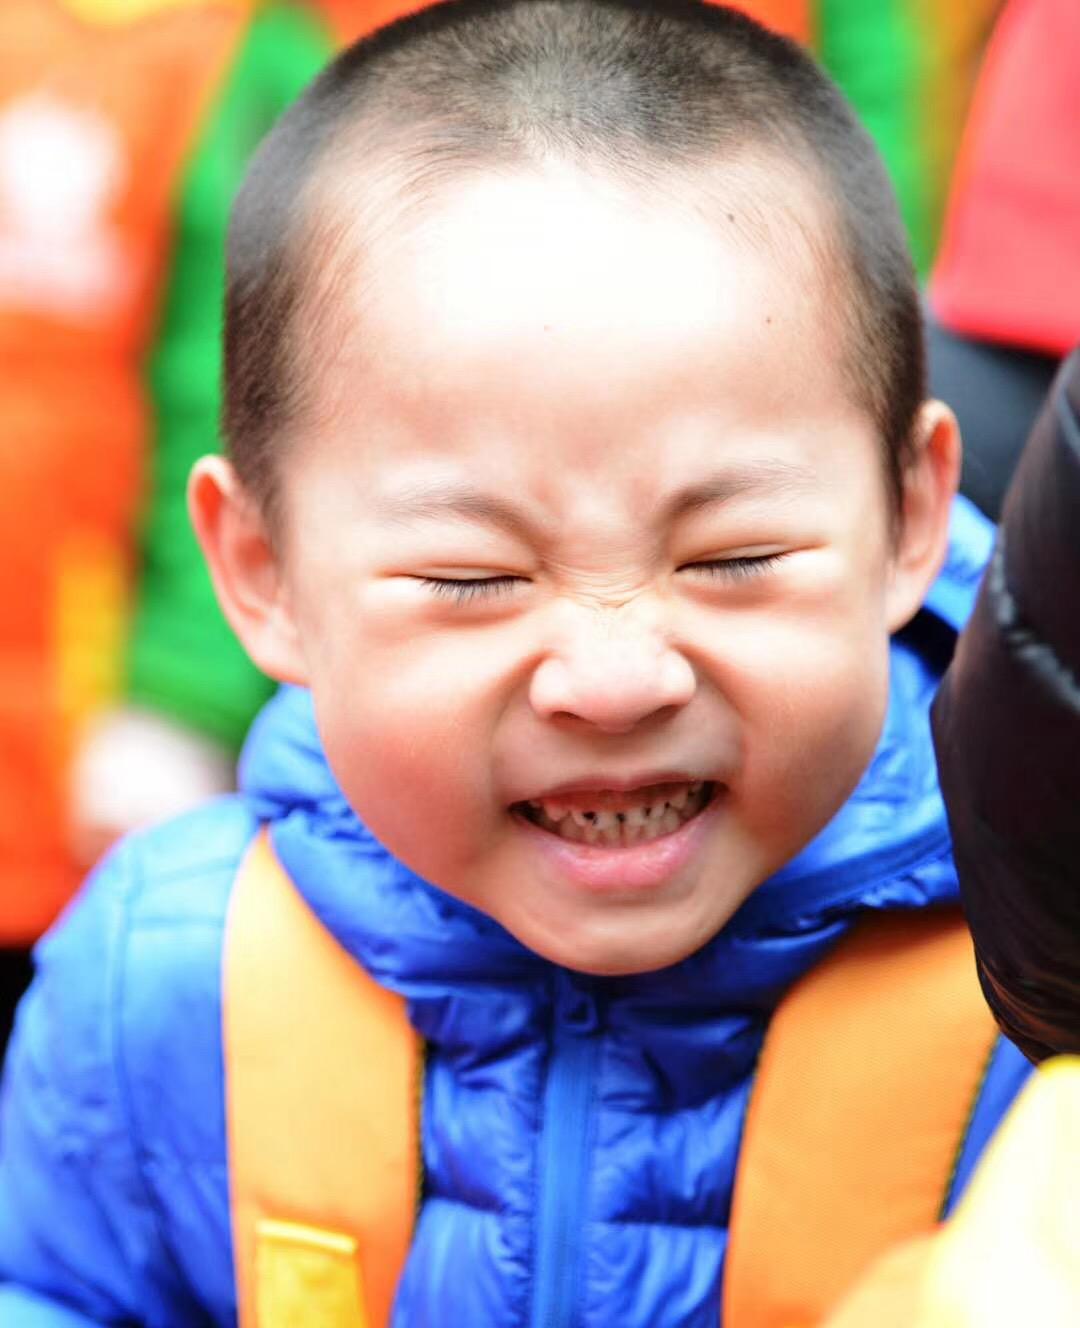 布朗幼儿园——国际美语幼儿园_国际幼儿园_高端幼儿